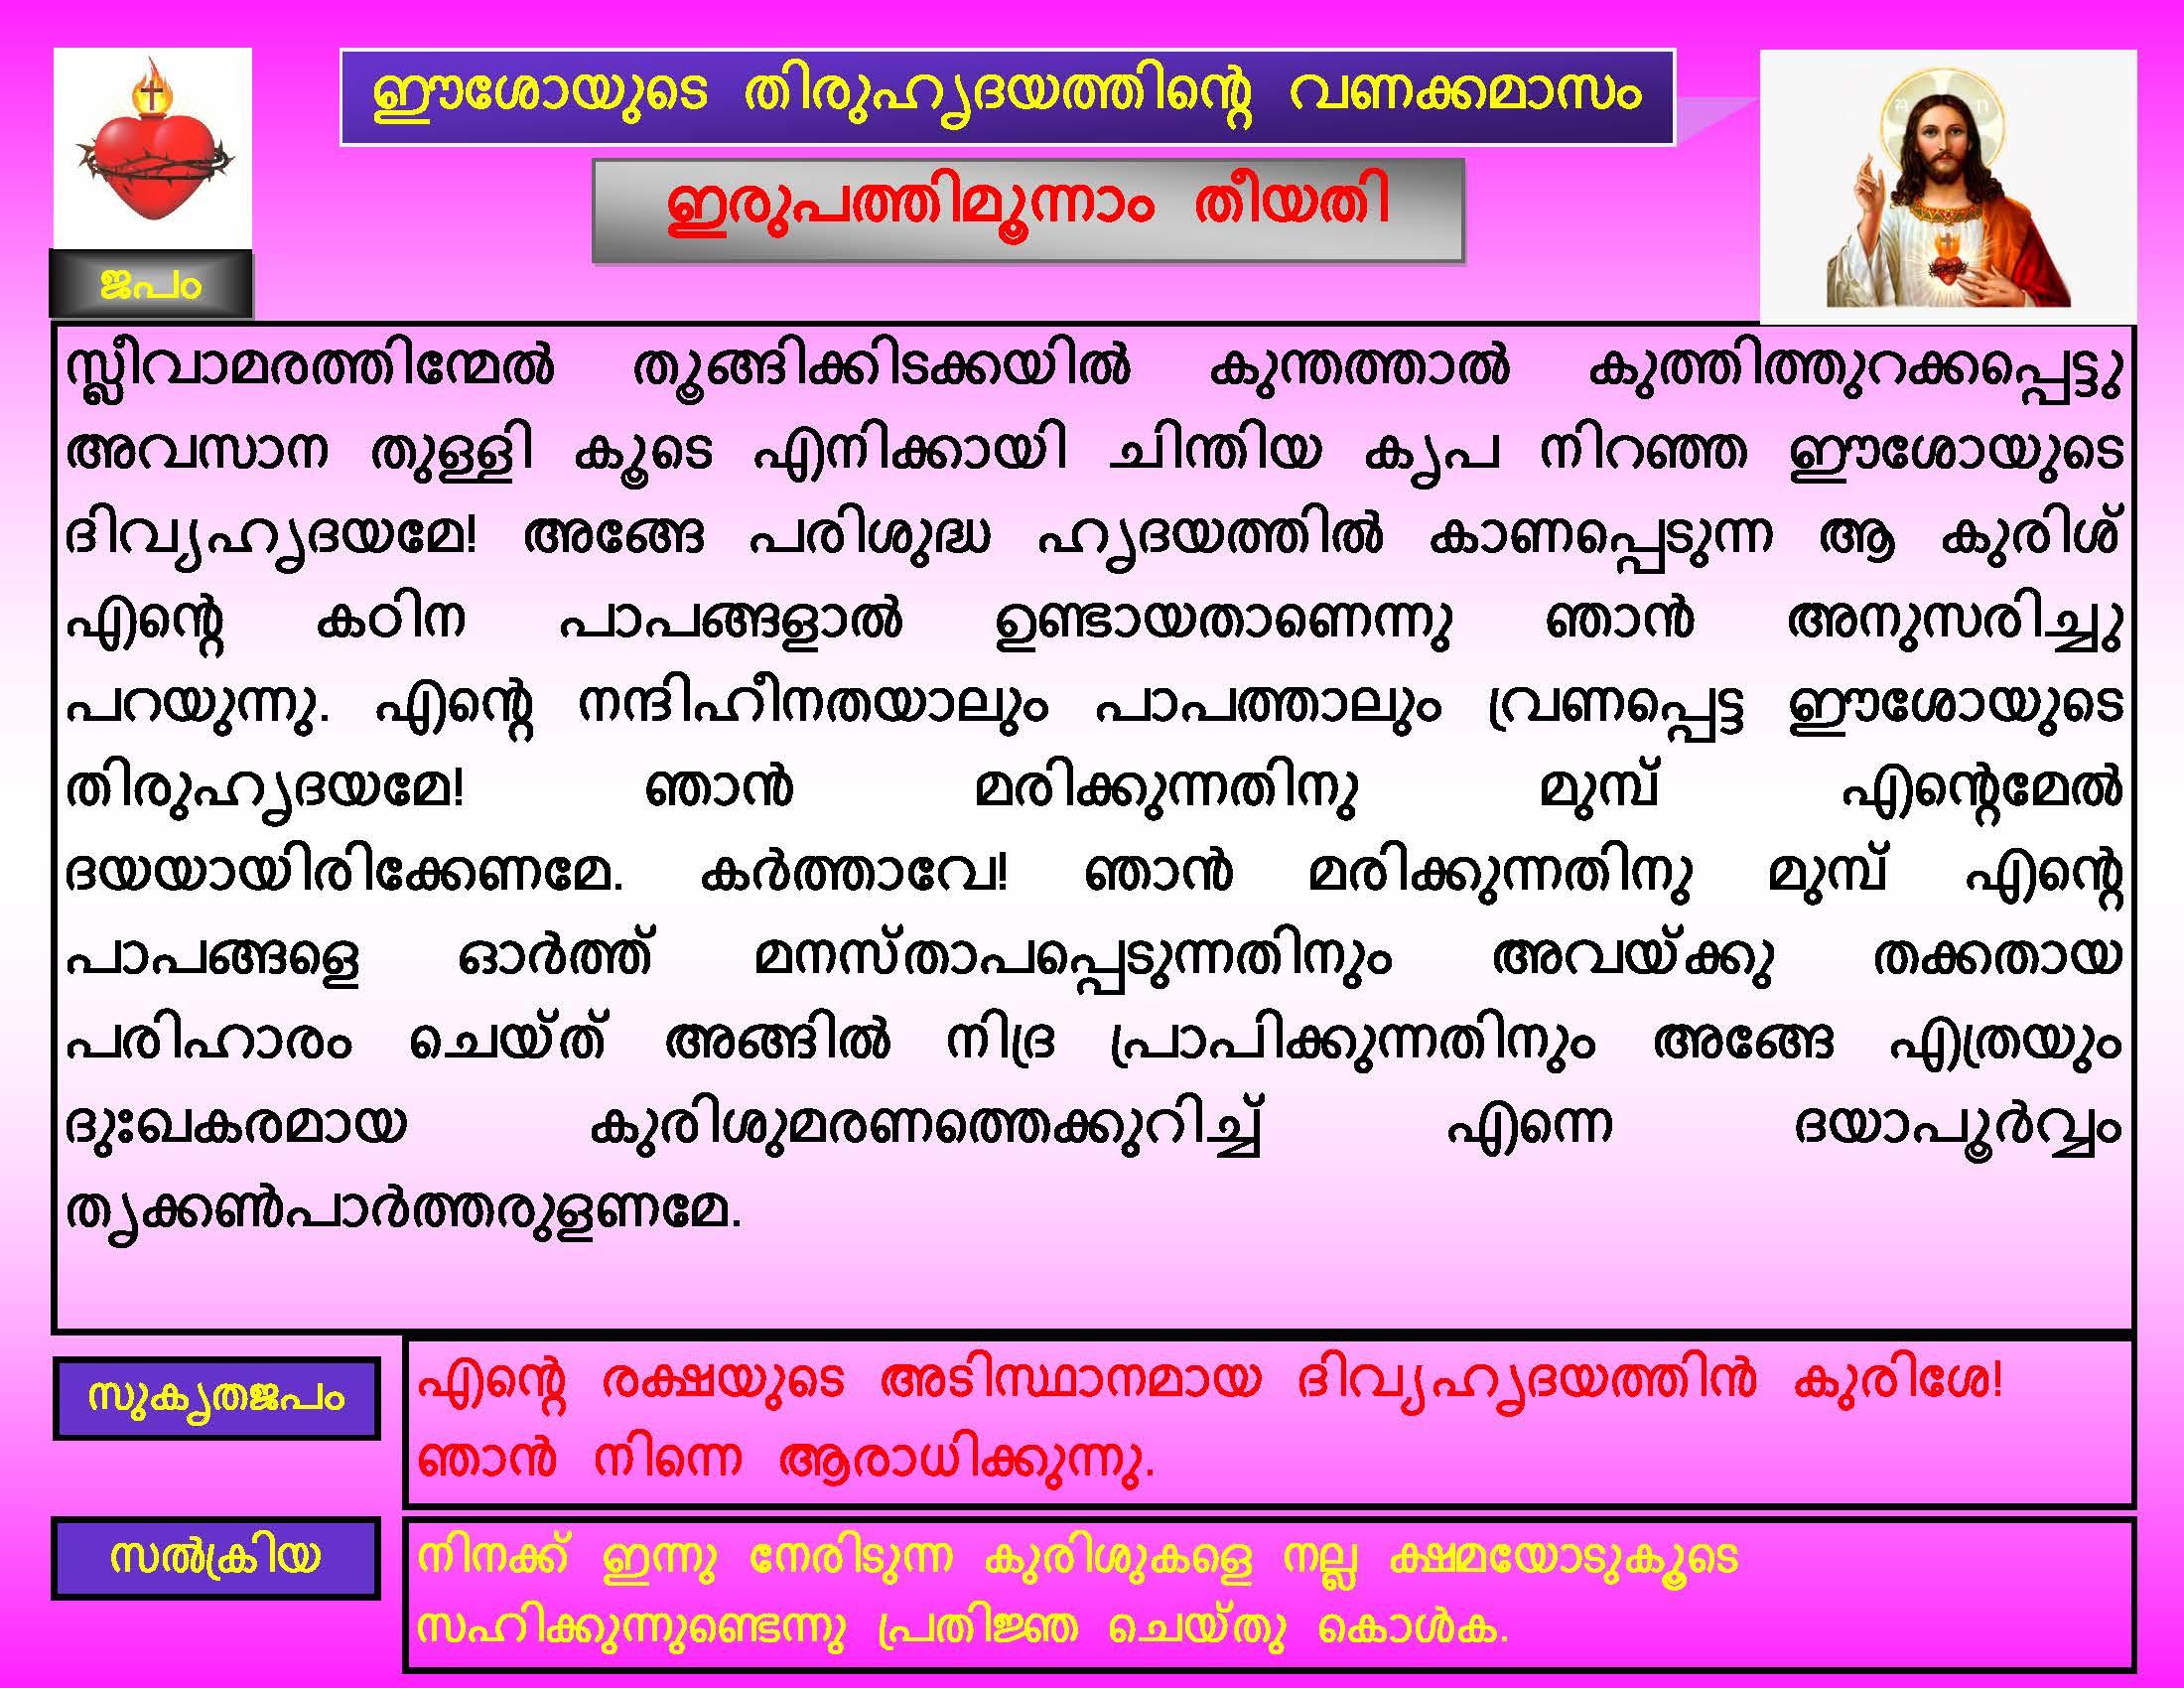 Thiruhrudaya Vanakkamasam - Day 23